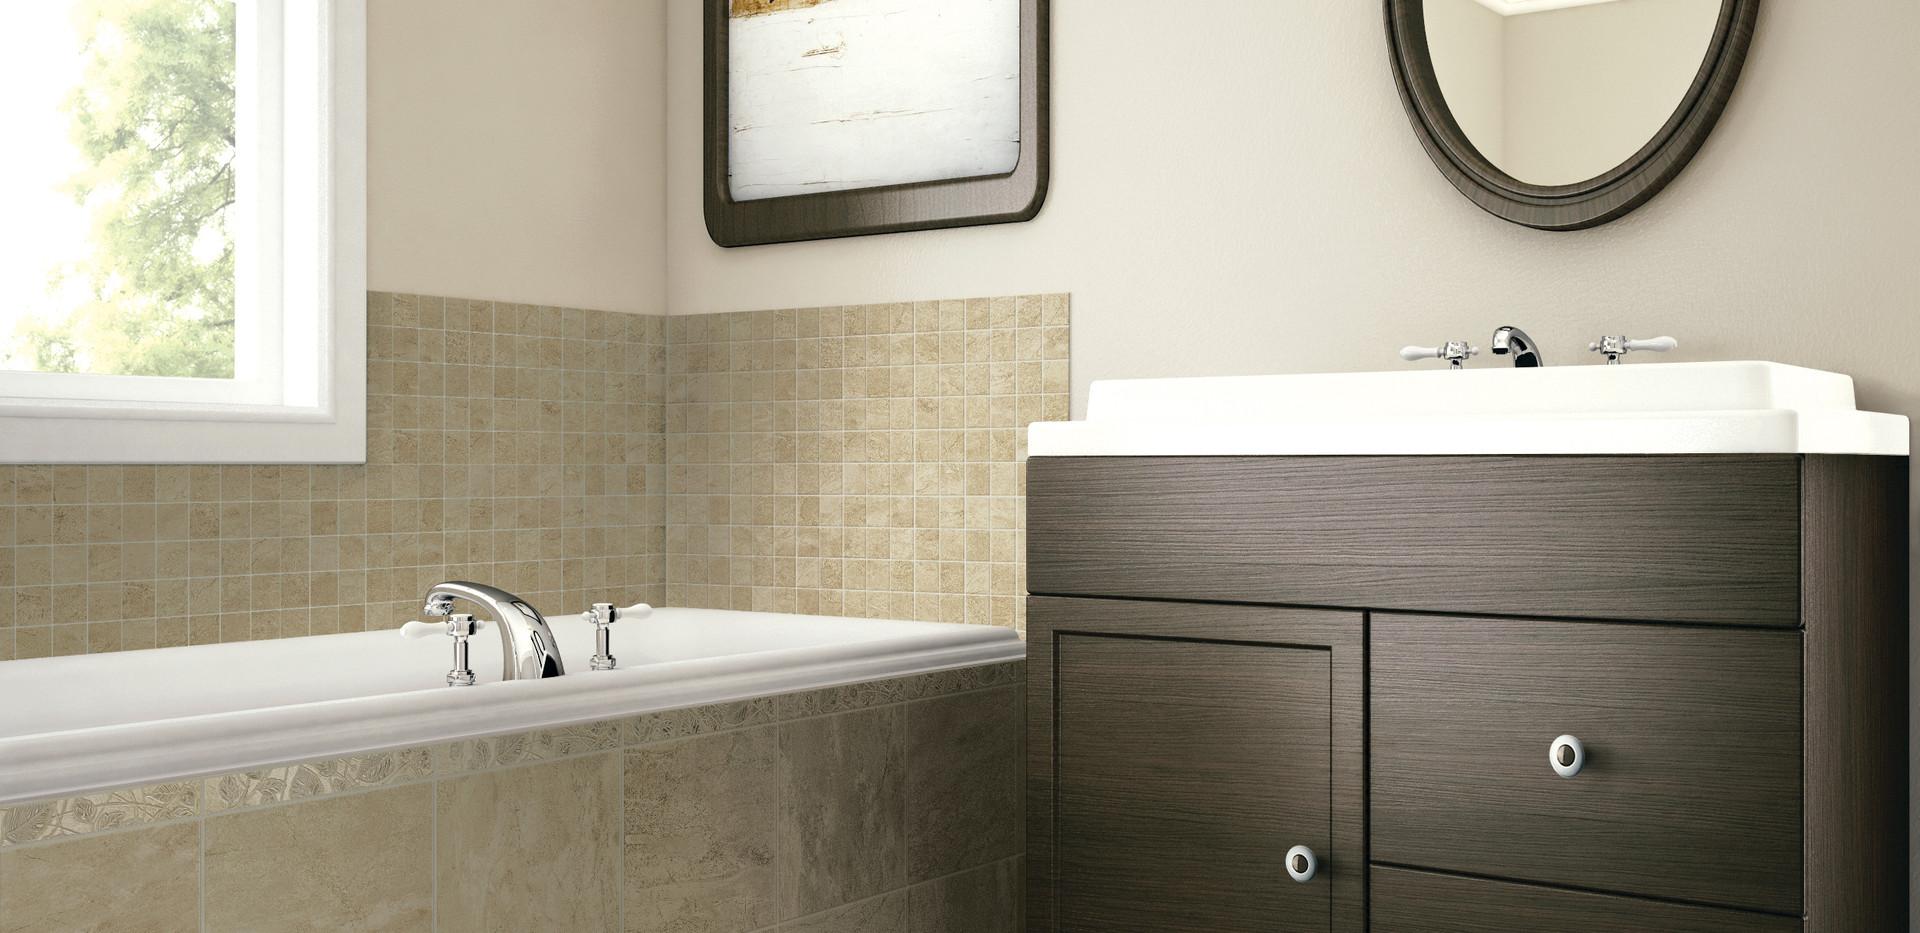 Craftsman_DP_Bathroom_FTI27230_12x12_18x